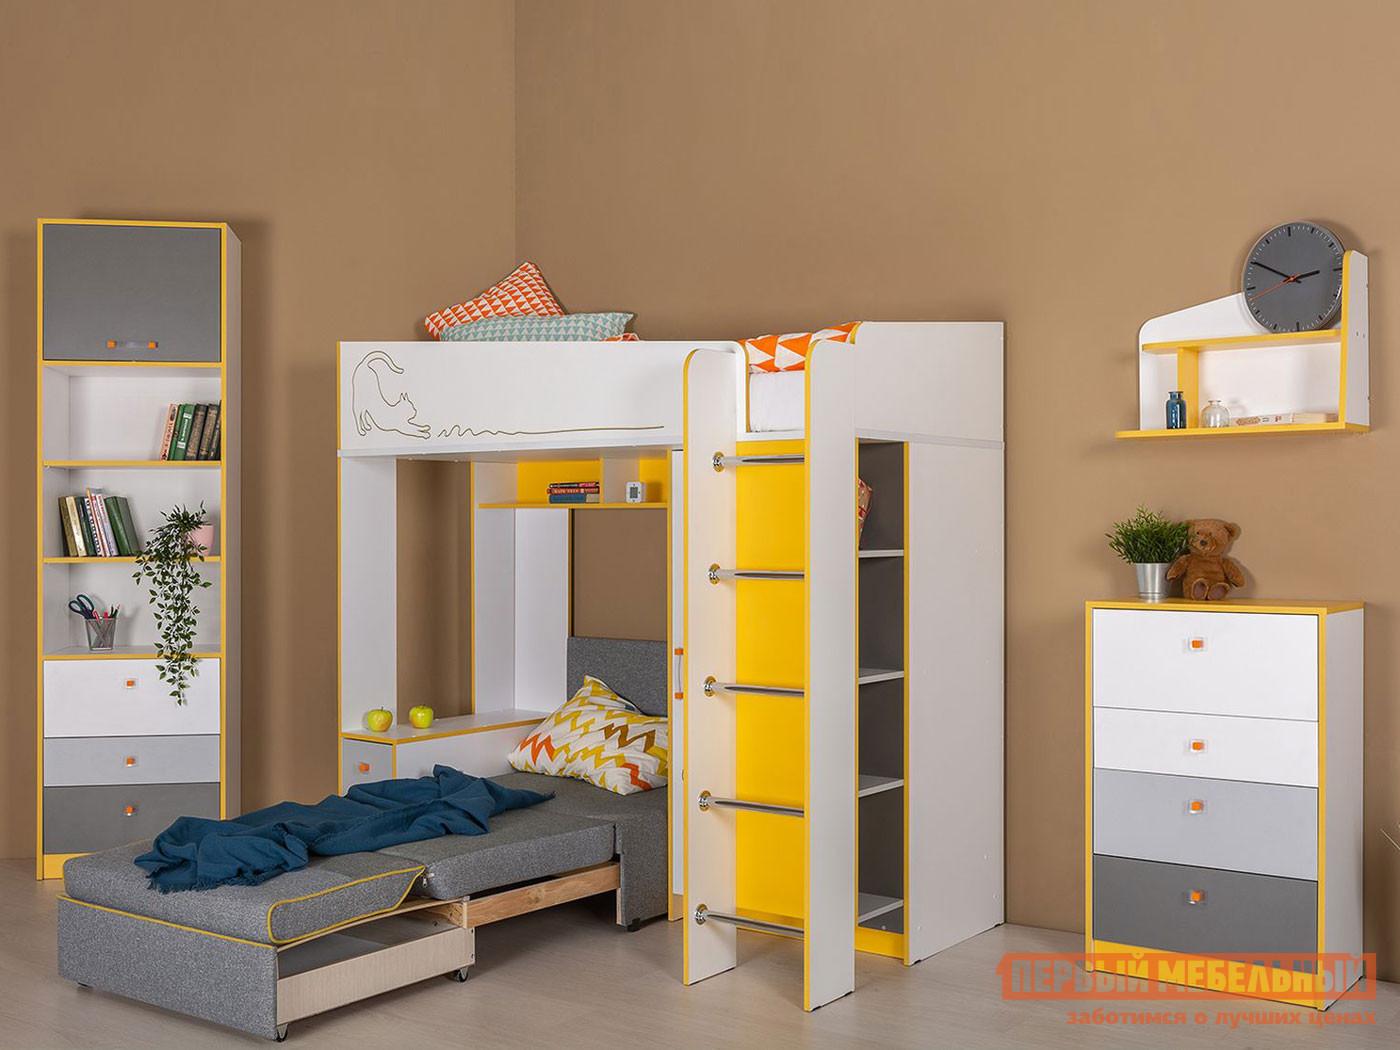 комплект детской мебели первый мебельный жили были k1 Комплект детской мебели Первый Мебельный Комплект детской мебели Альфа К3